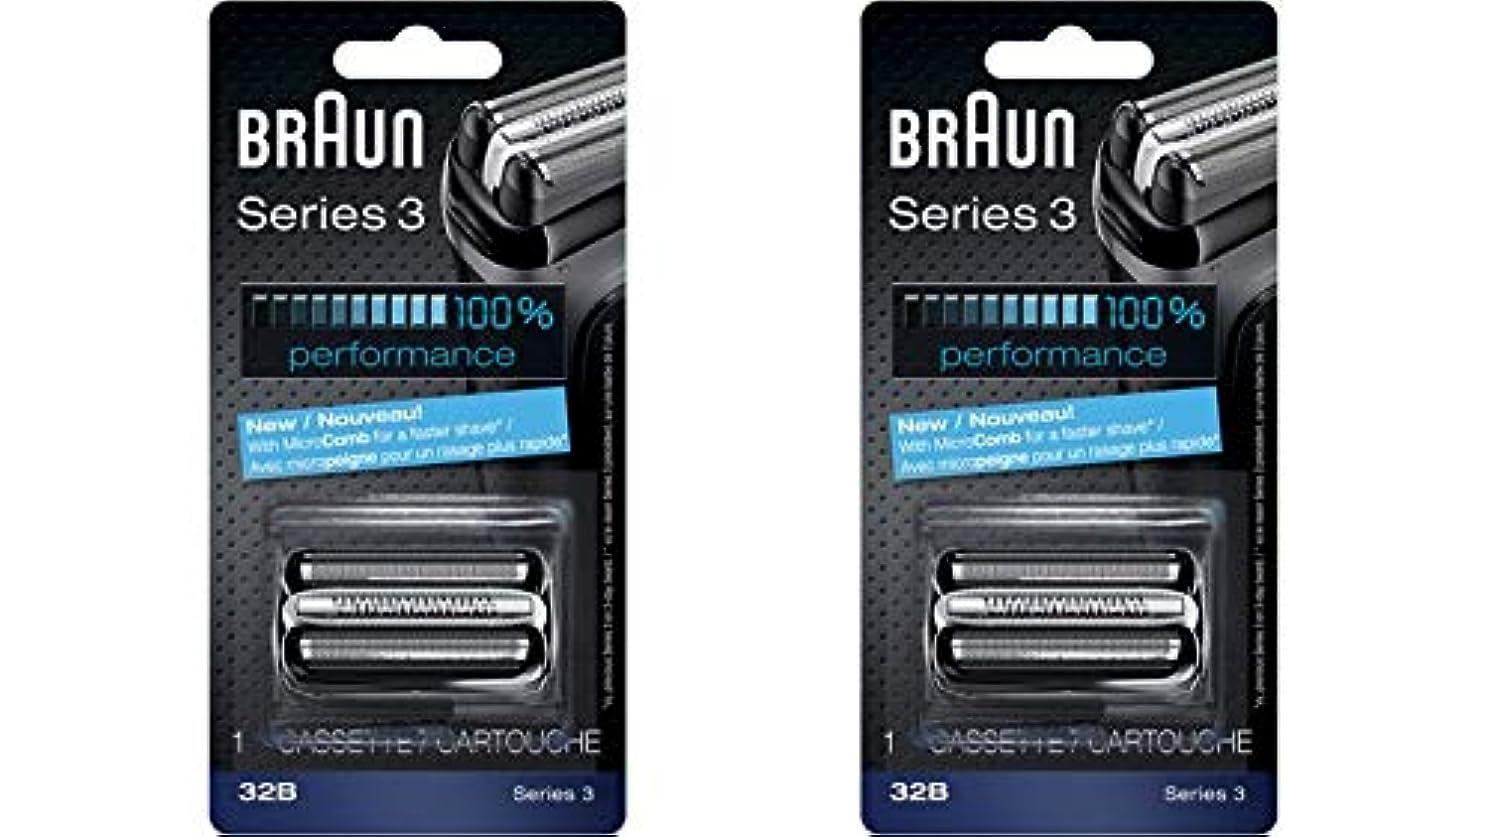 楽観的保証金原子炉Braun ブラウン シェーバー シリーズ3網刃?内刃一体型カセット 32B(F/C32B-6と同等品)2個セット